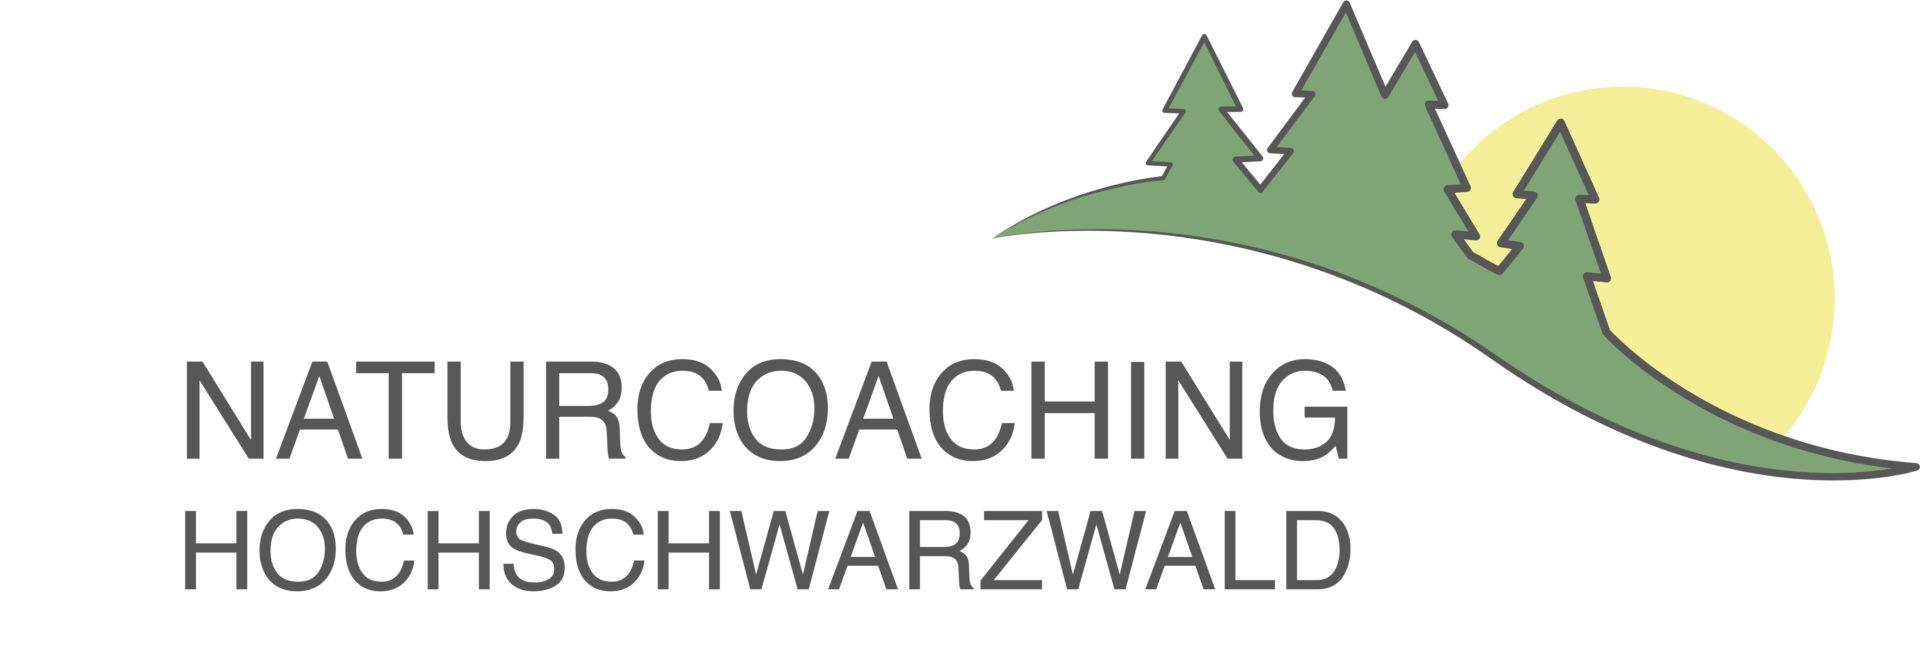 Naturchoaching-Hochschwarzwald